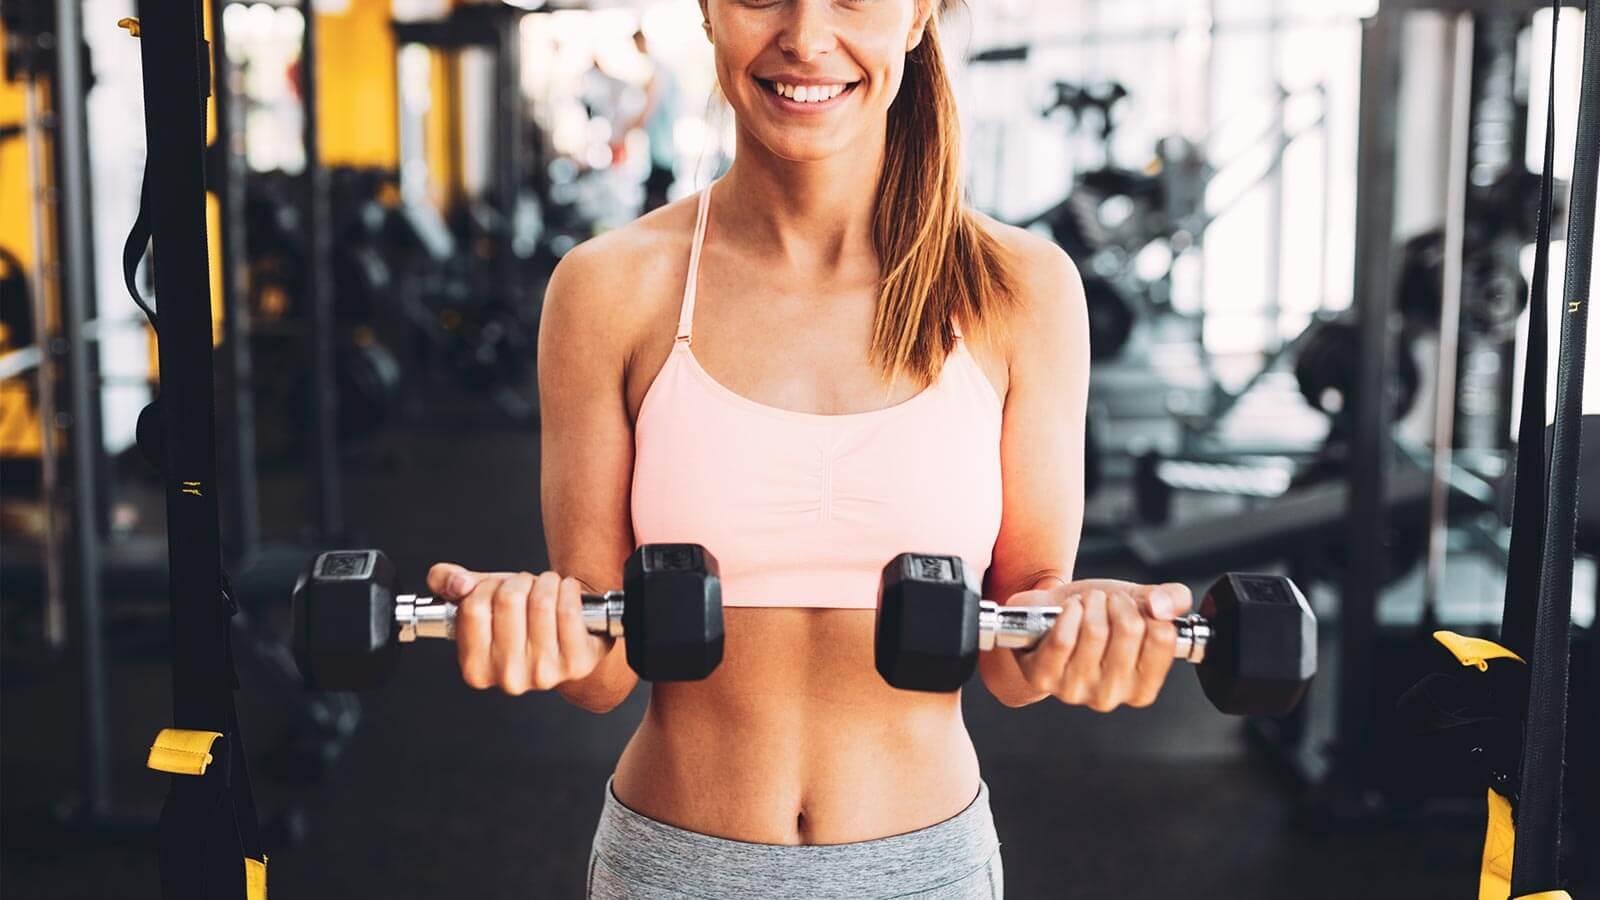 prendre du poids et perdre de la graisse corporelle